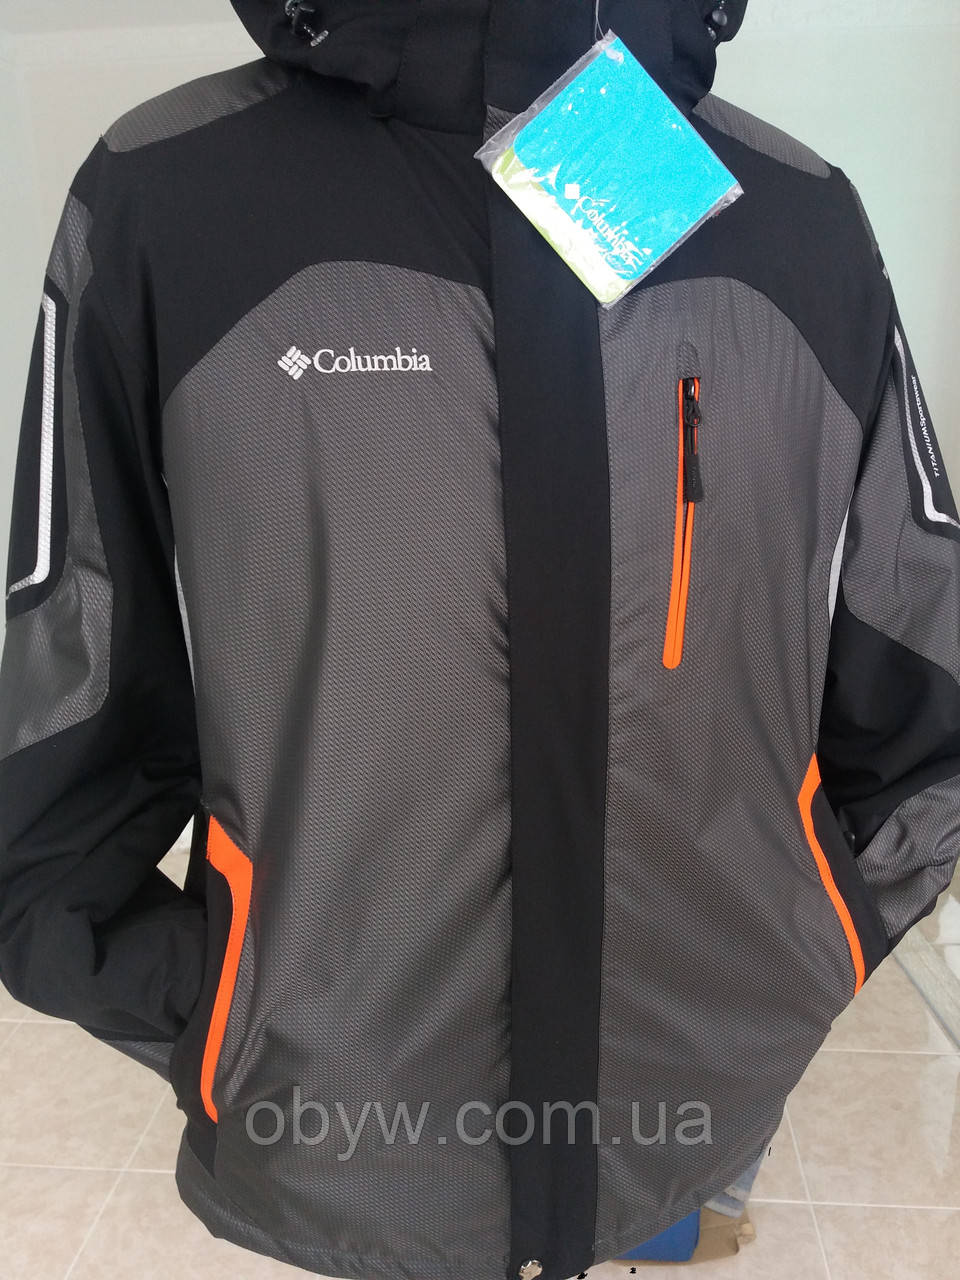 Мужские лыжные куртки Calambia